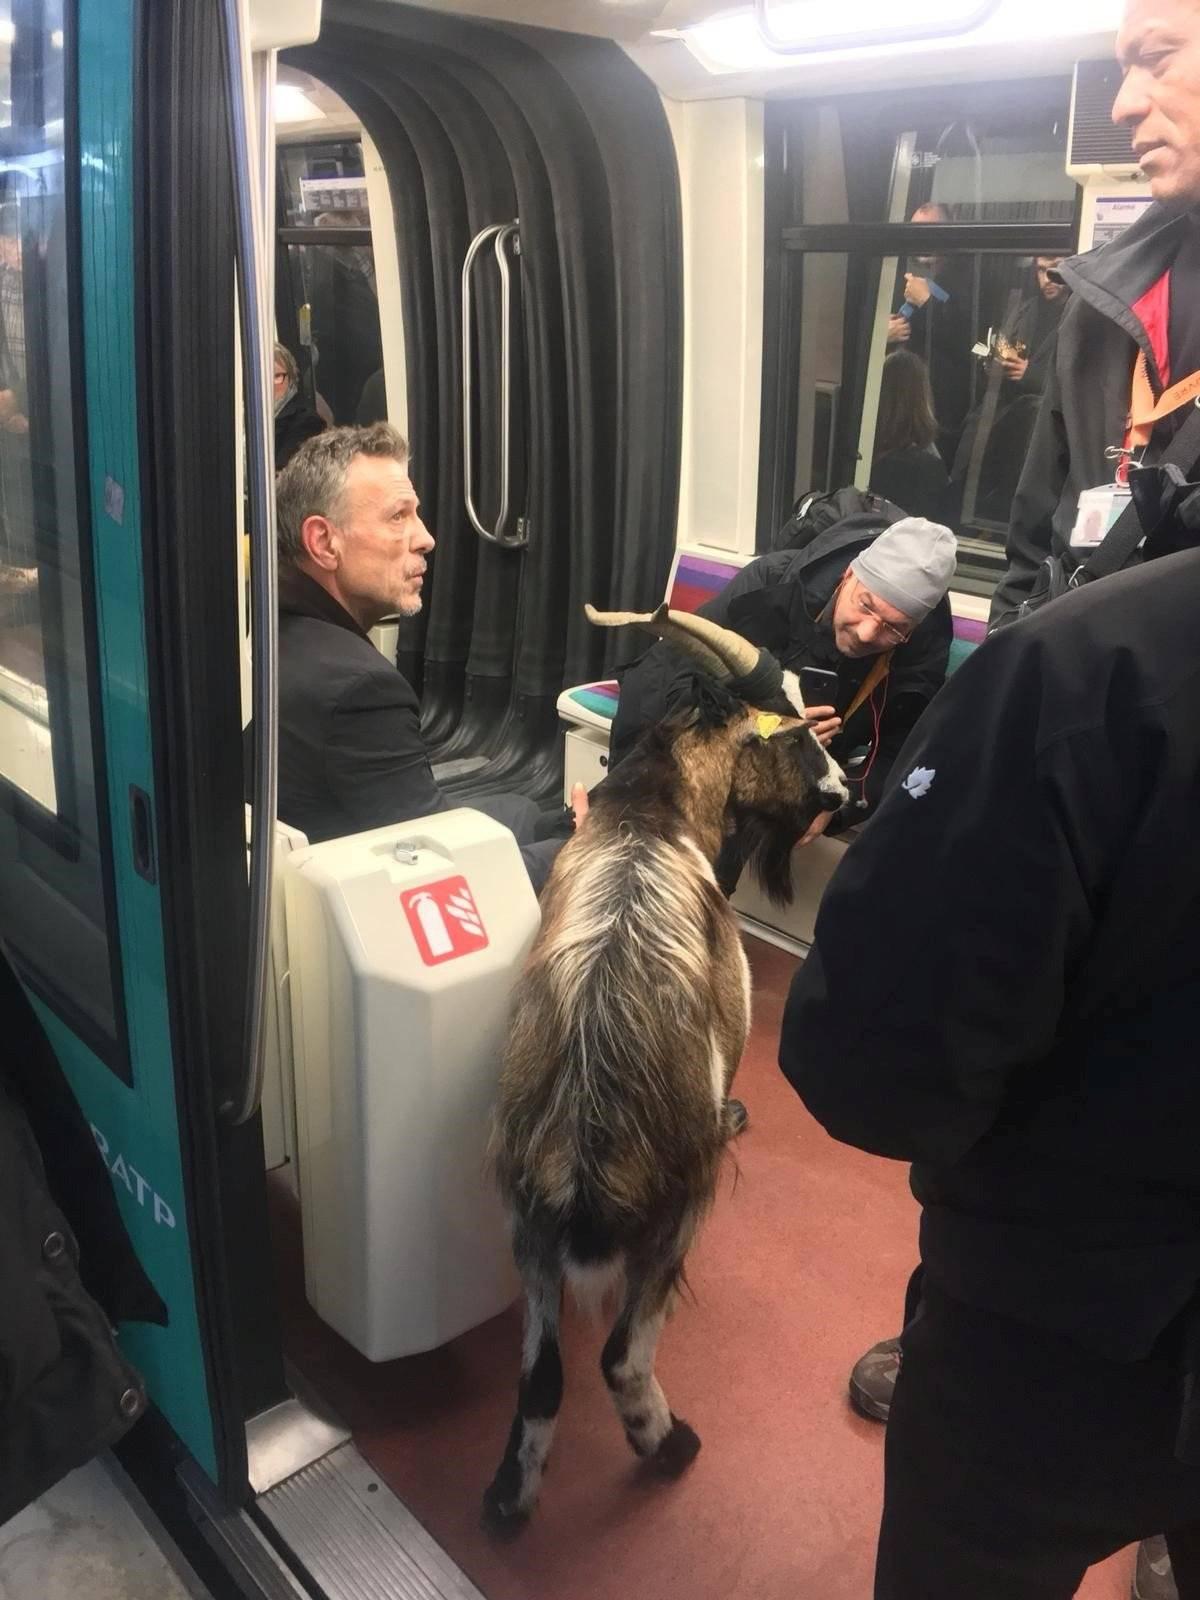 cabra metrô de paris